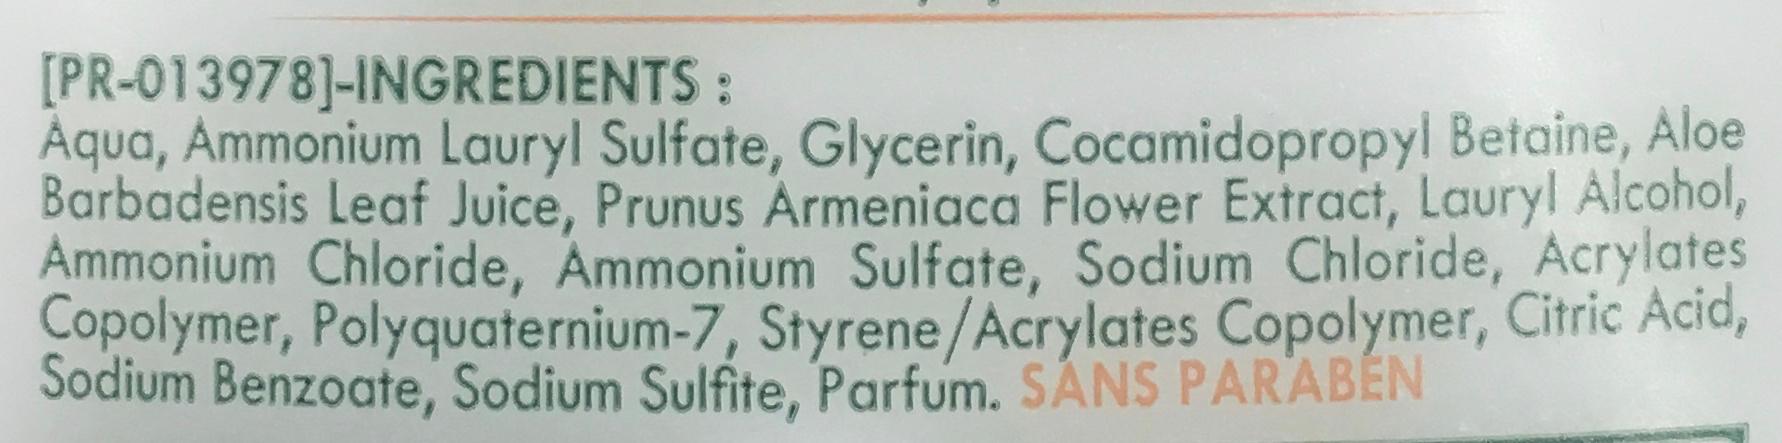 Douche & Bain crème hypoallergenique Sève d'Aloe Vera & Fleur d'Abricotier - Ingredients - fr